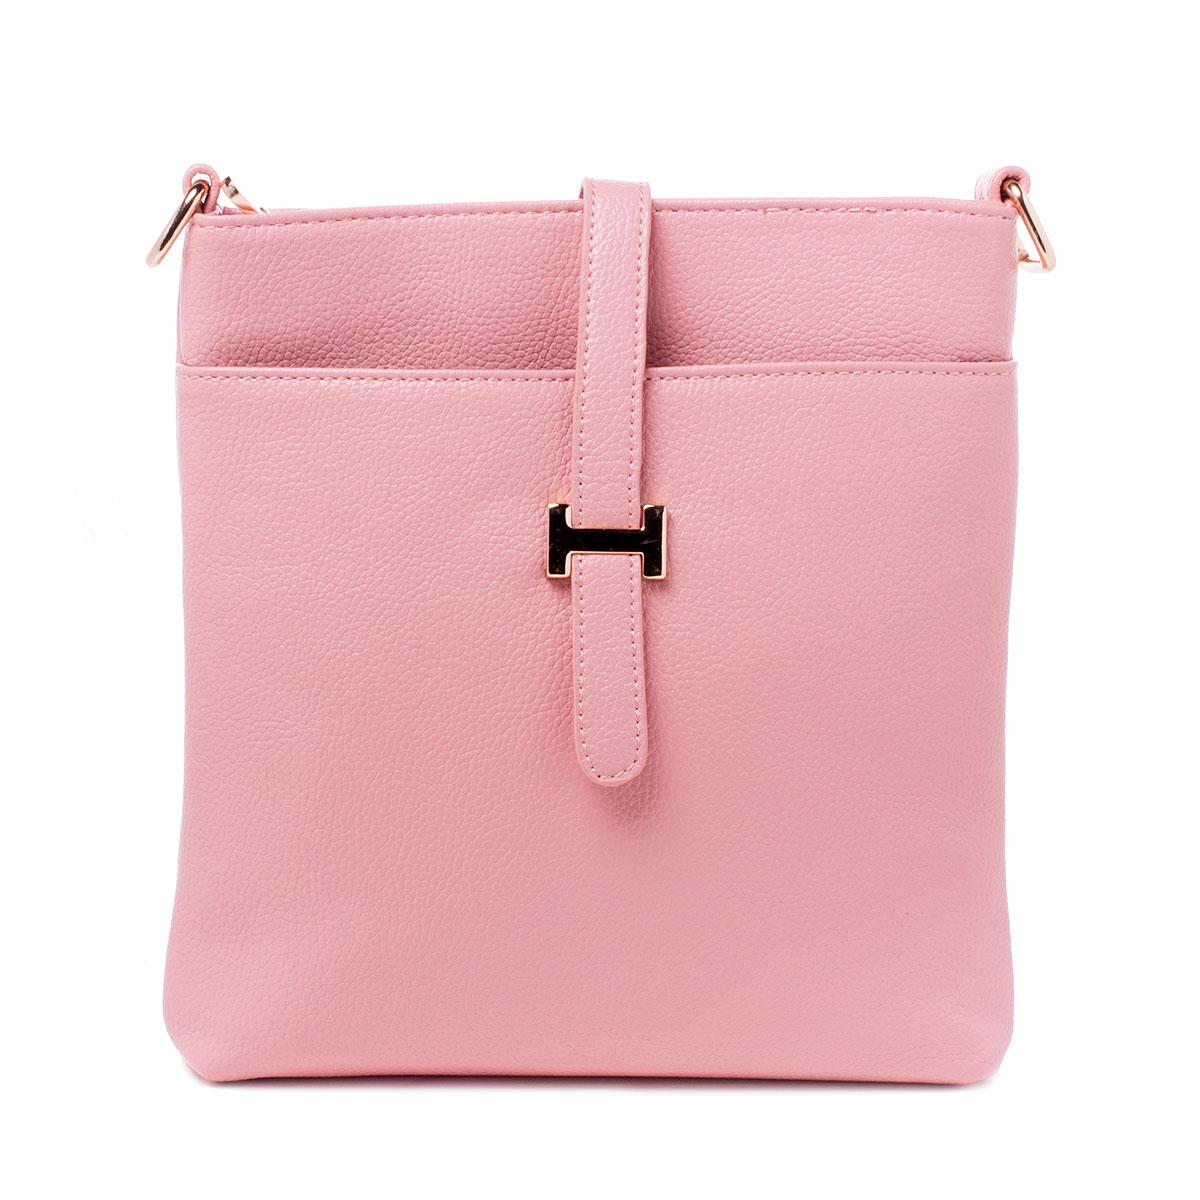 Сумка женская Baggini, цвет: розовый. 29788/6329788/63Сумка жен., иск. кожа